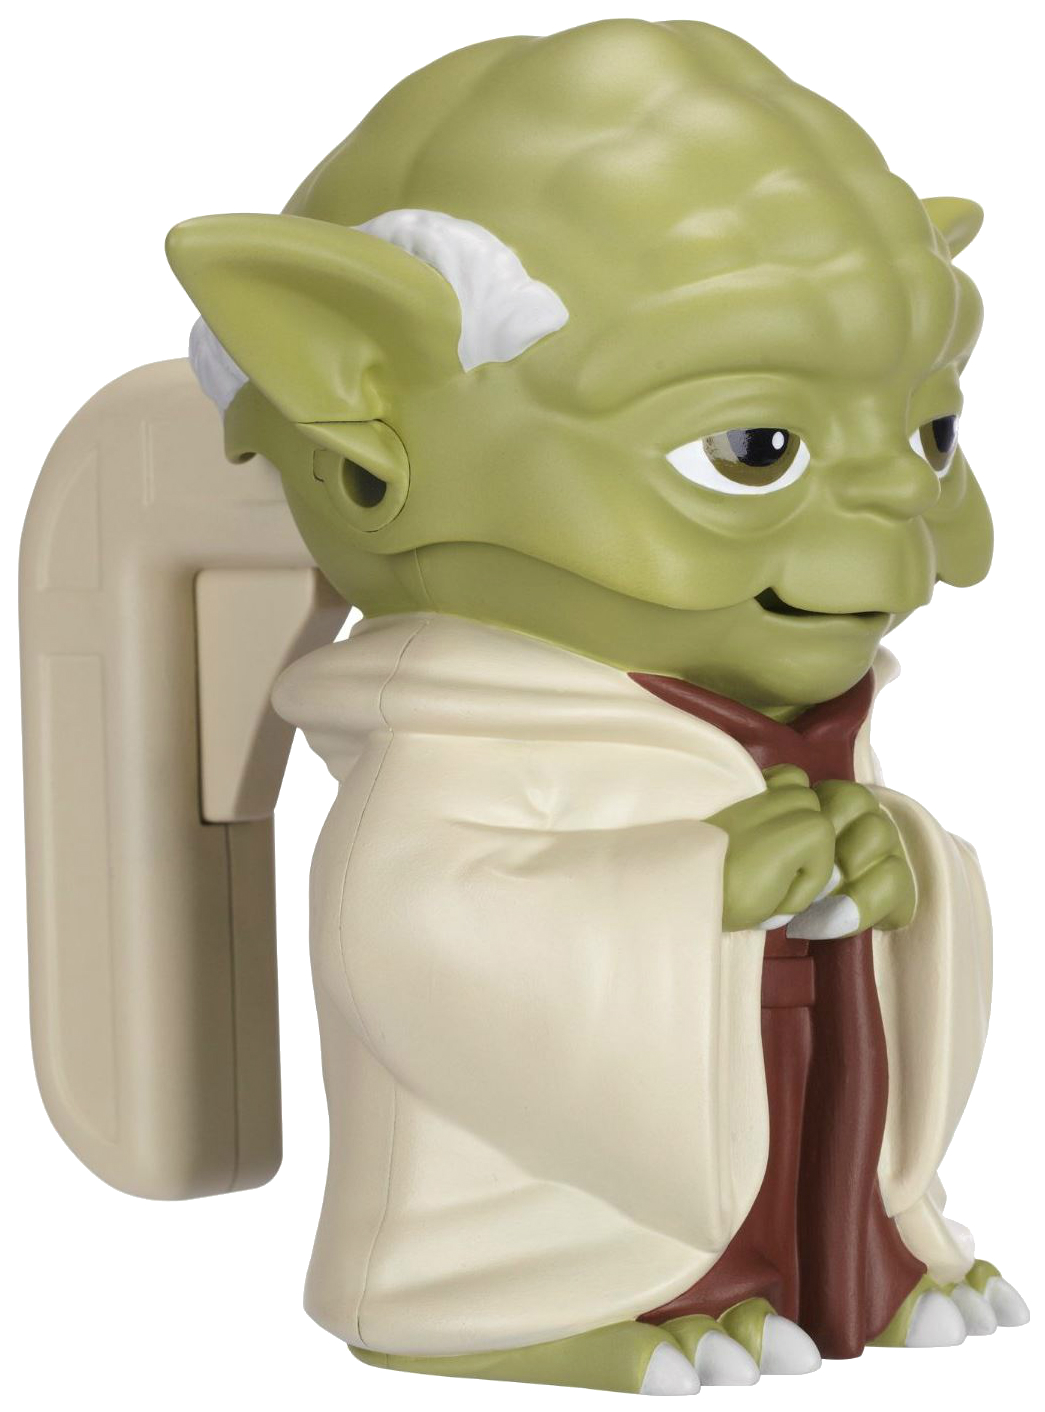 Купить Фигурка персонажа Big Figures 615090 Звездные Войны Фигурка-фонарик 12 см в ассортименте, Игровые фигурки